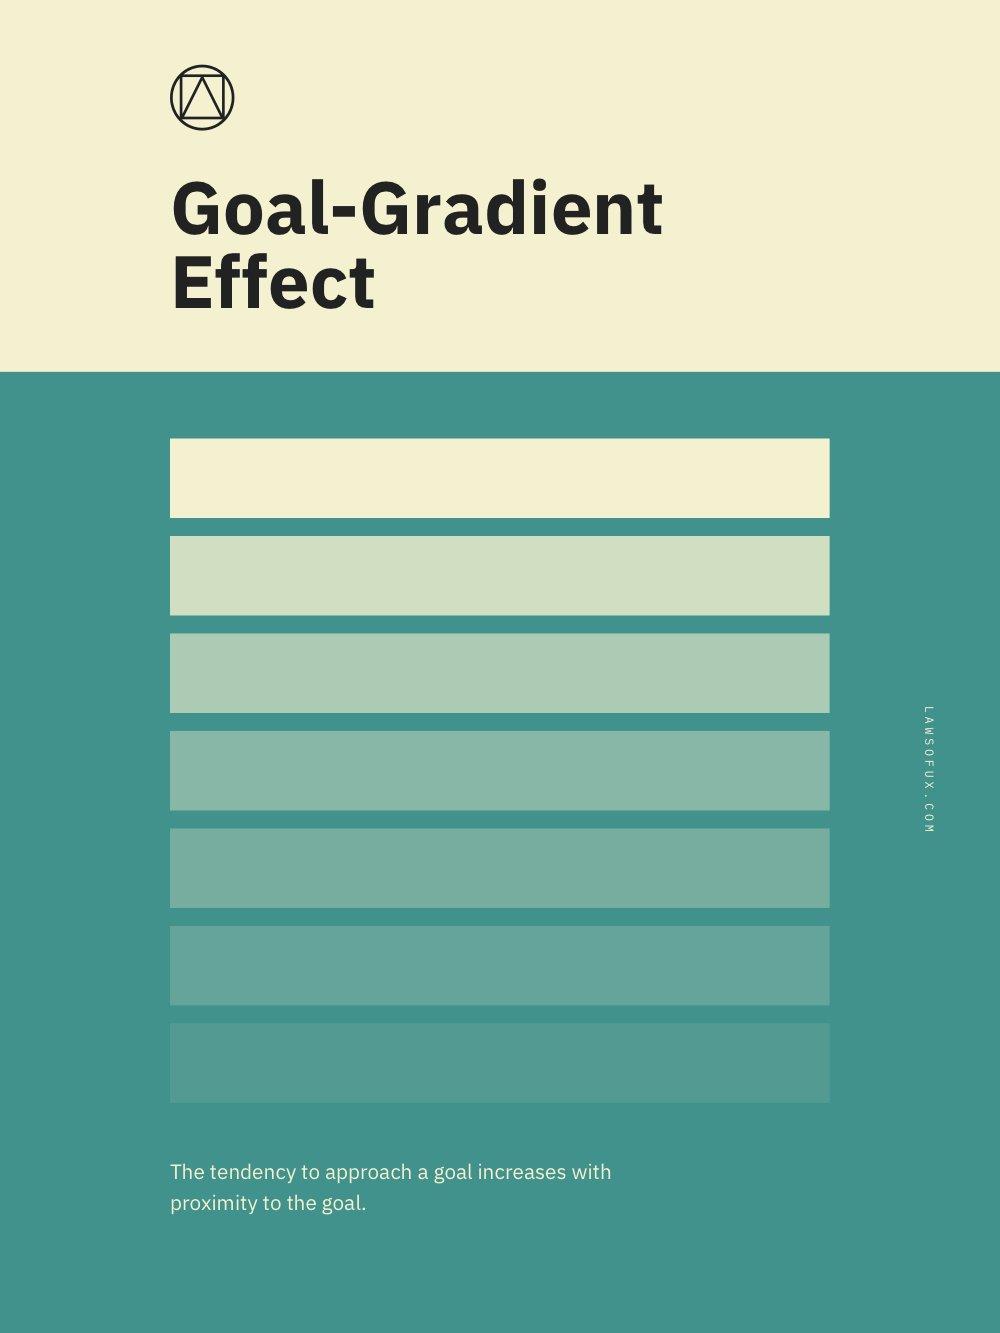 Goal-Gradient Effect